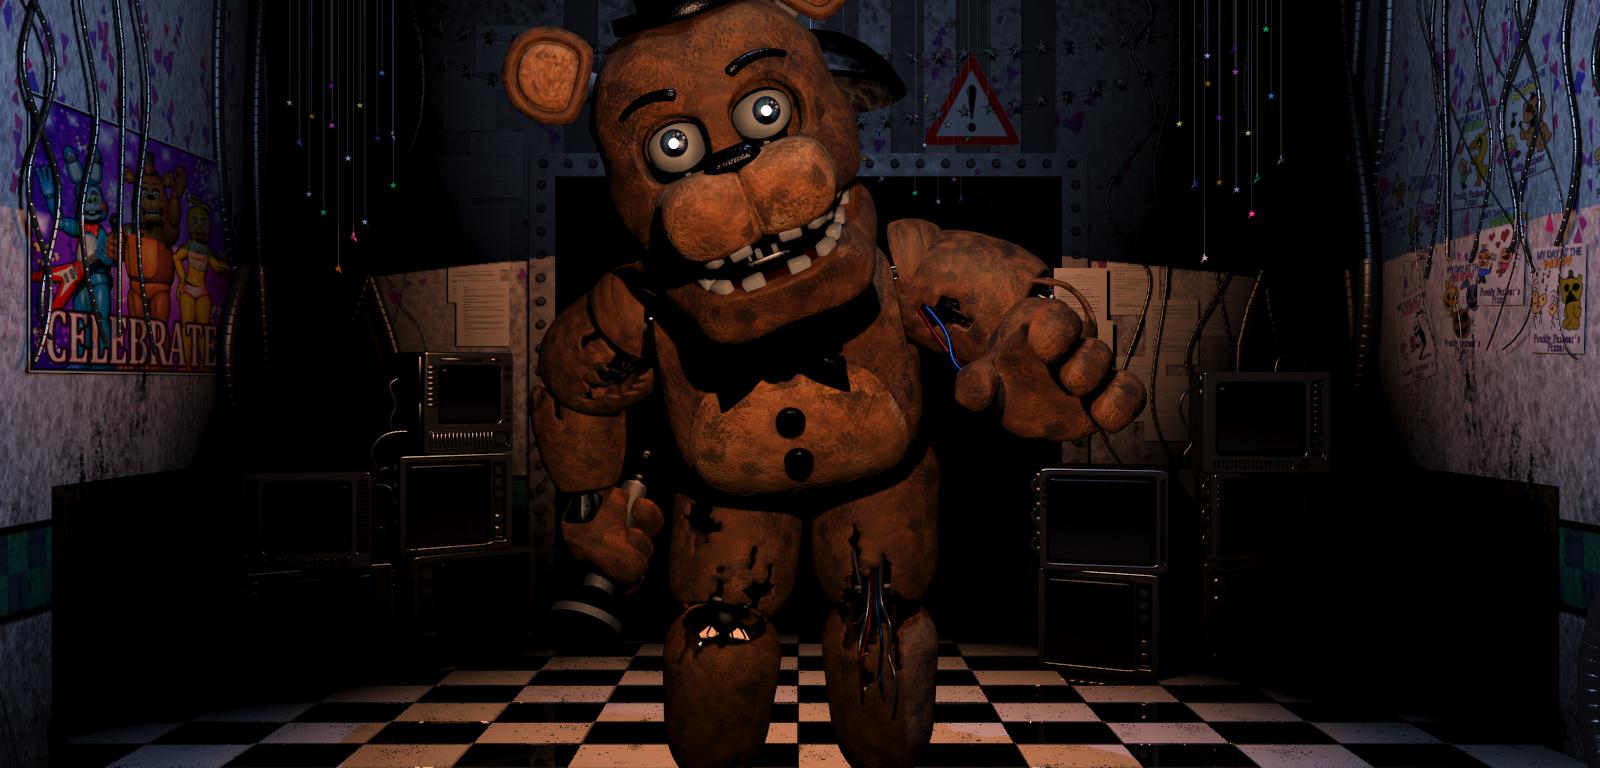 teddy freddy 2